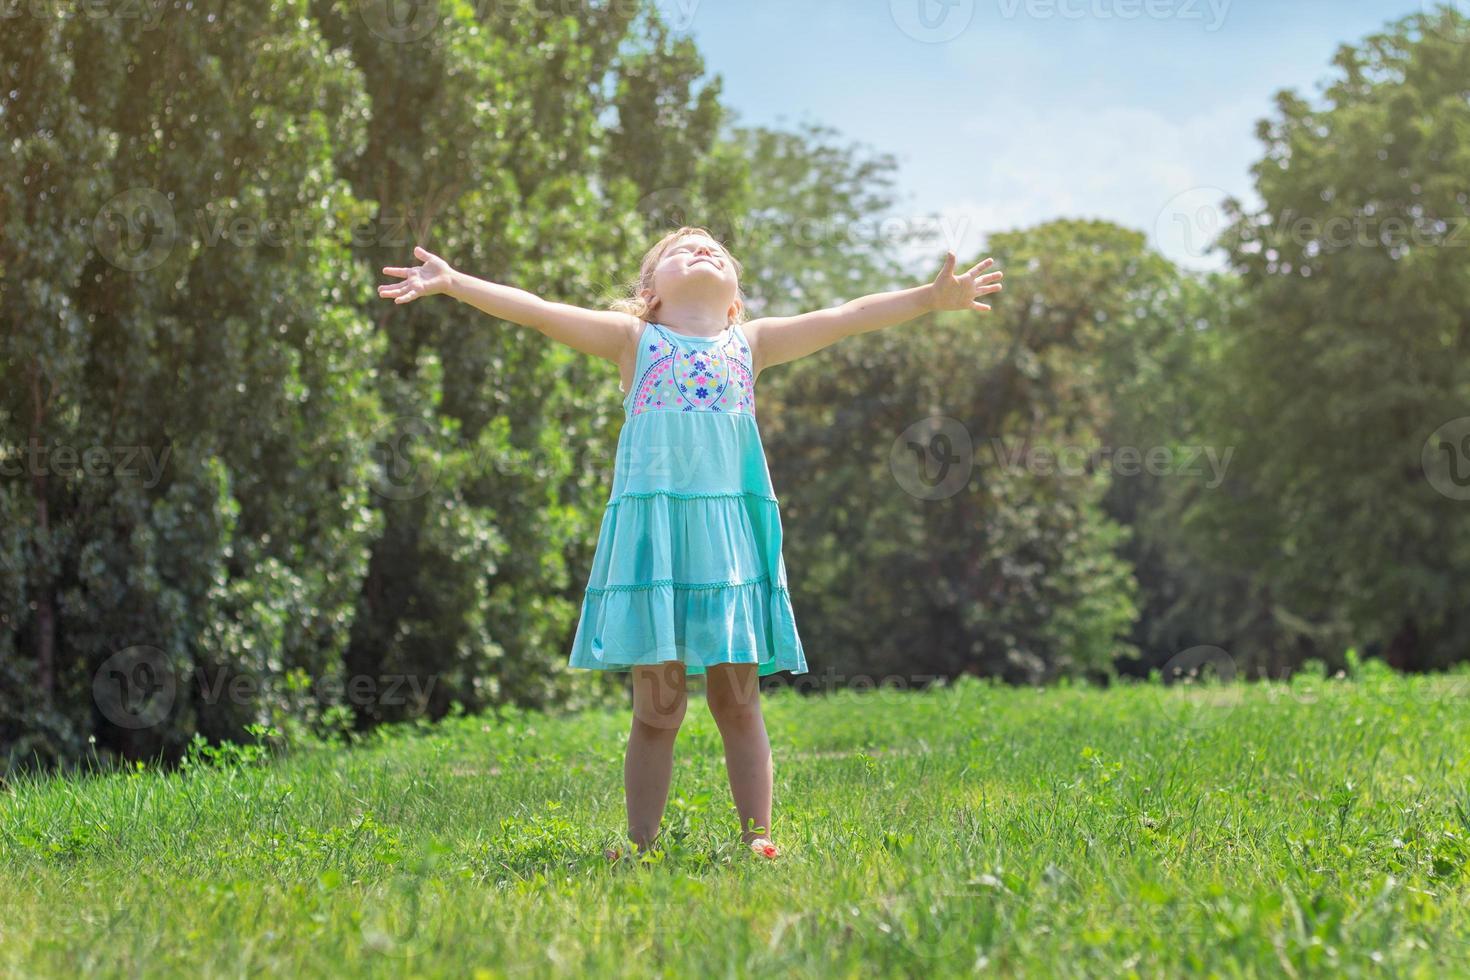 klein meisje met haar armen wijd open, in het parkleven en de natuur foto